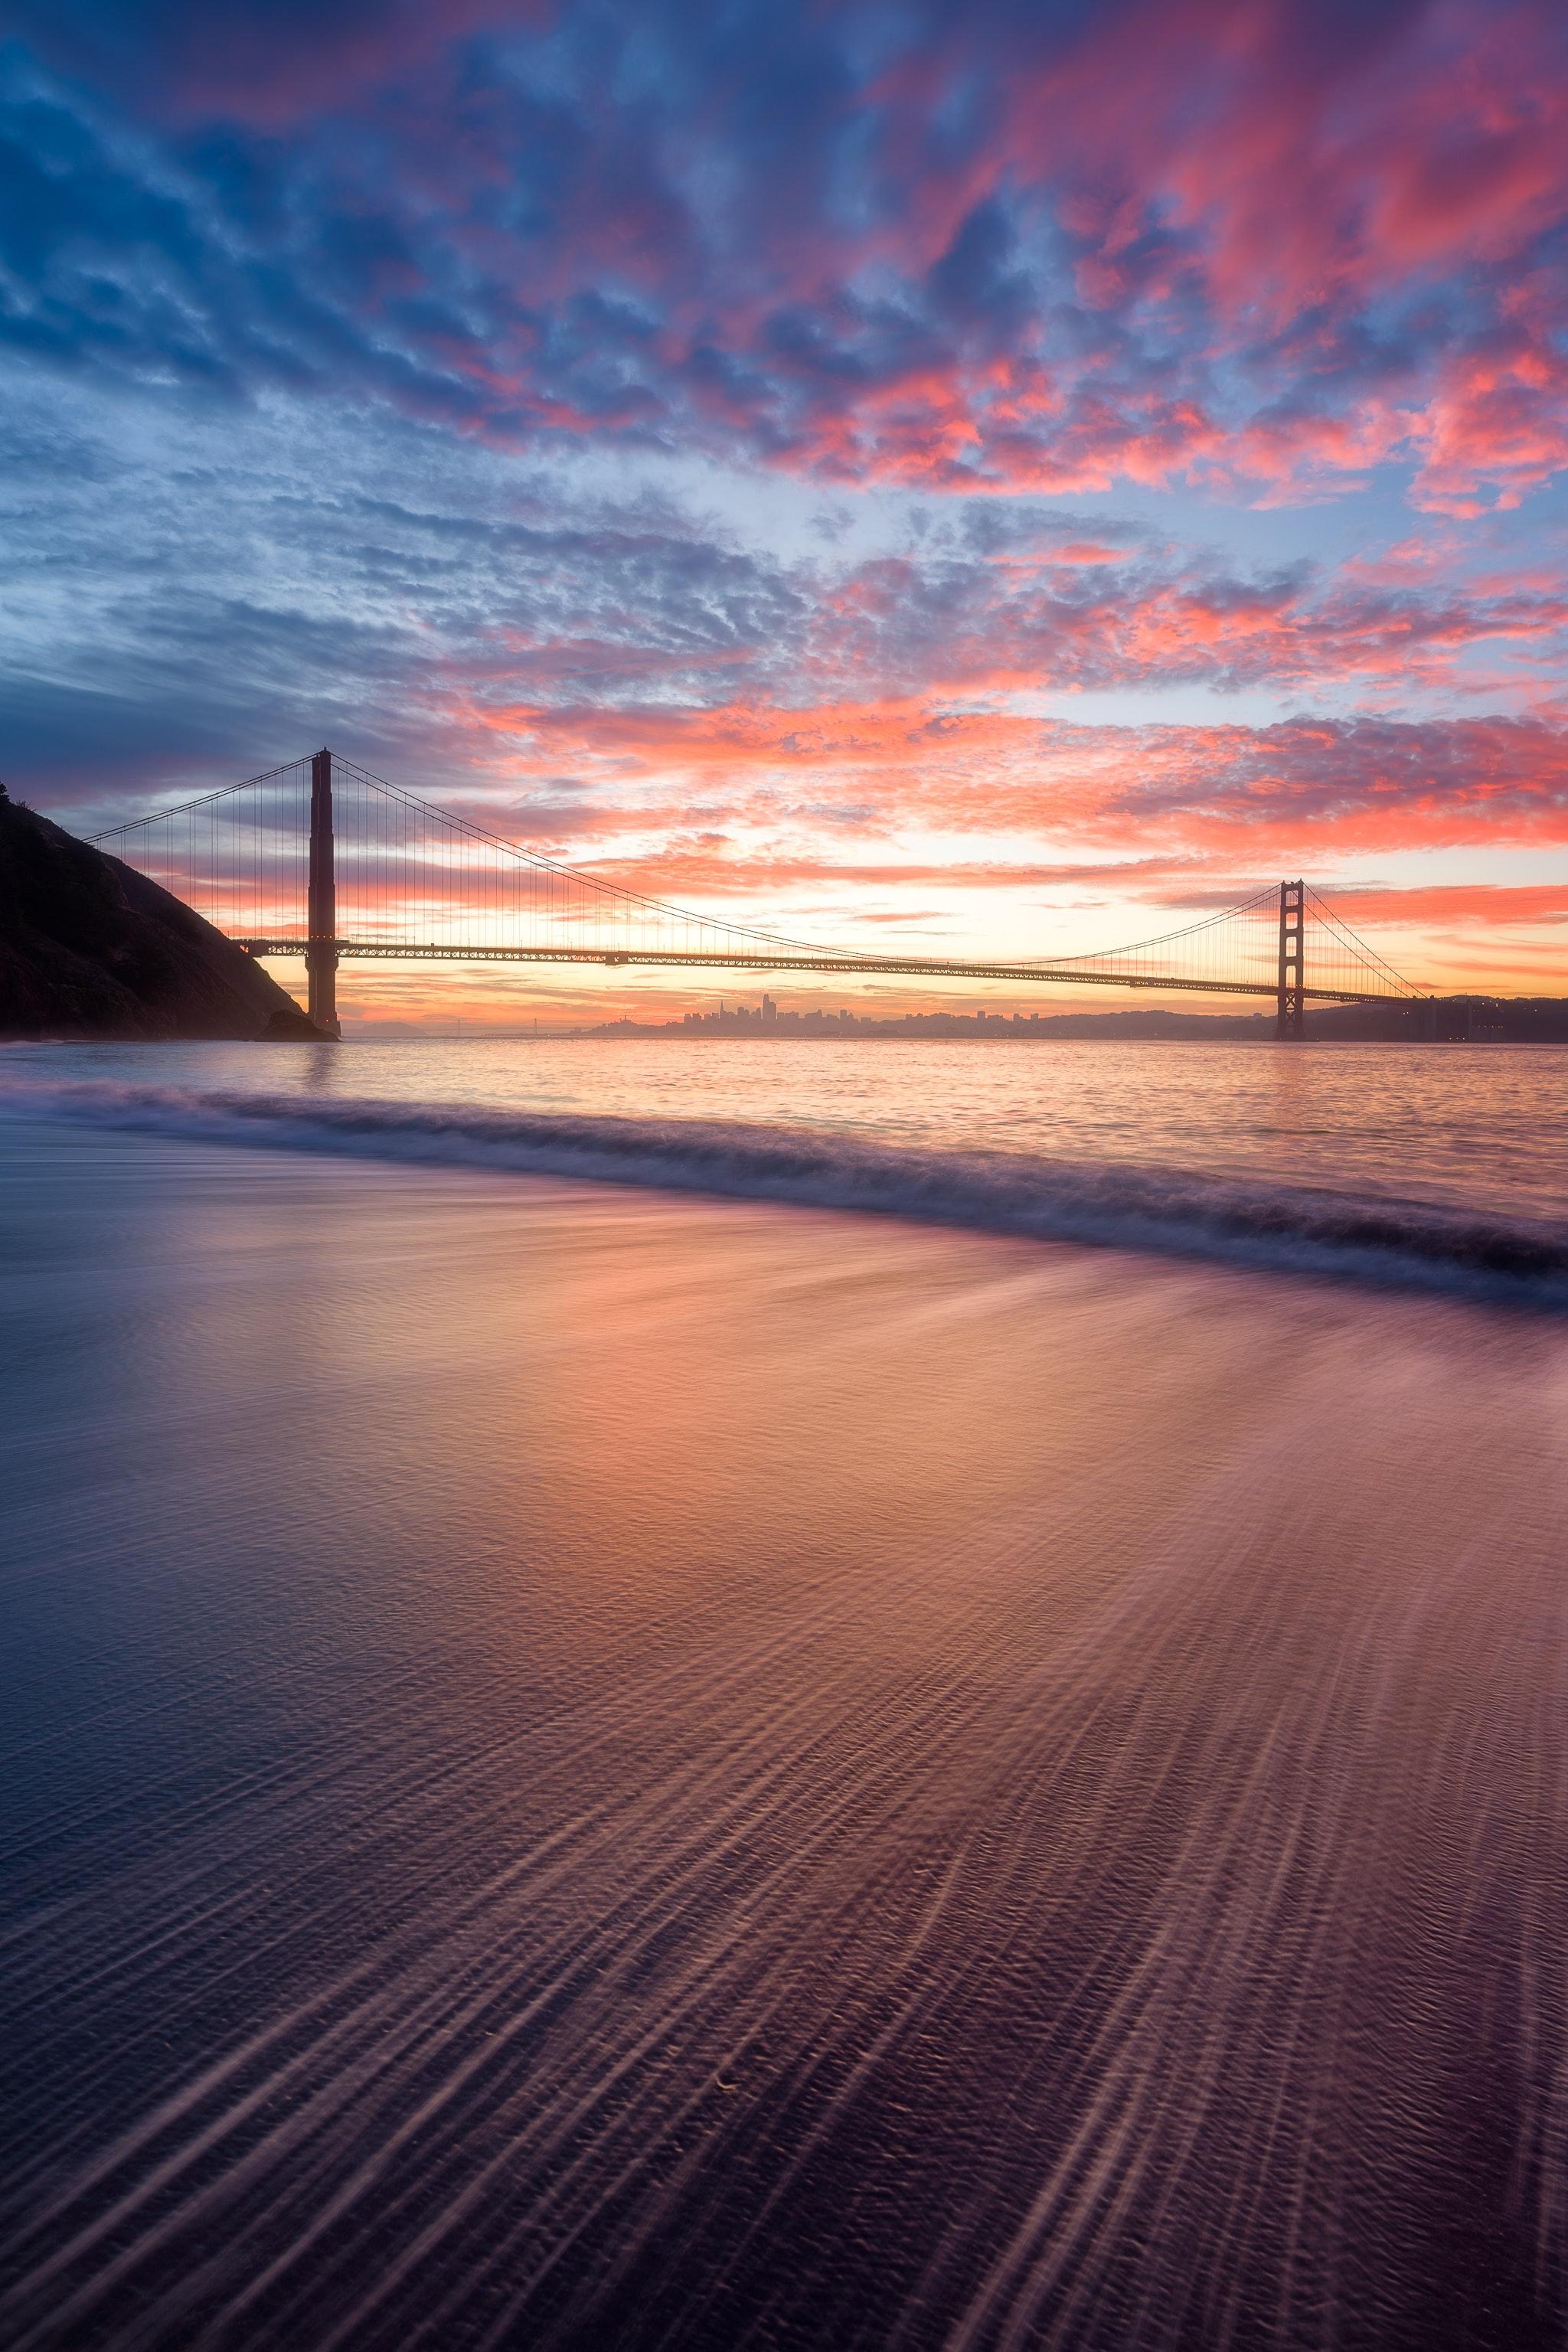 154934 скачать обои Вода, Природа, Закат, Волны, Мост - заставки и картинки бесплатно